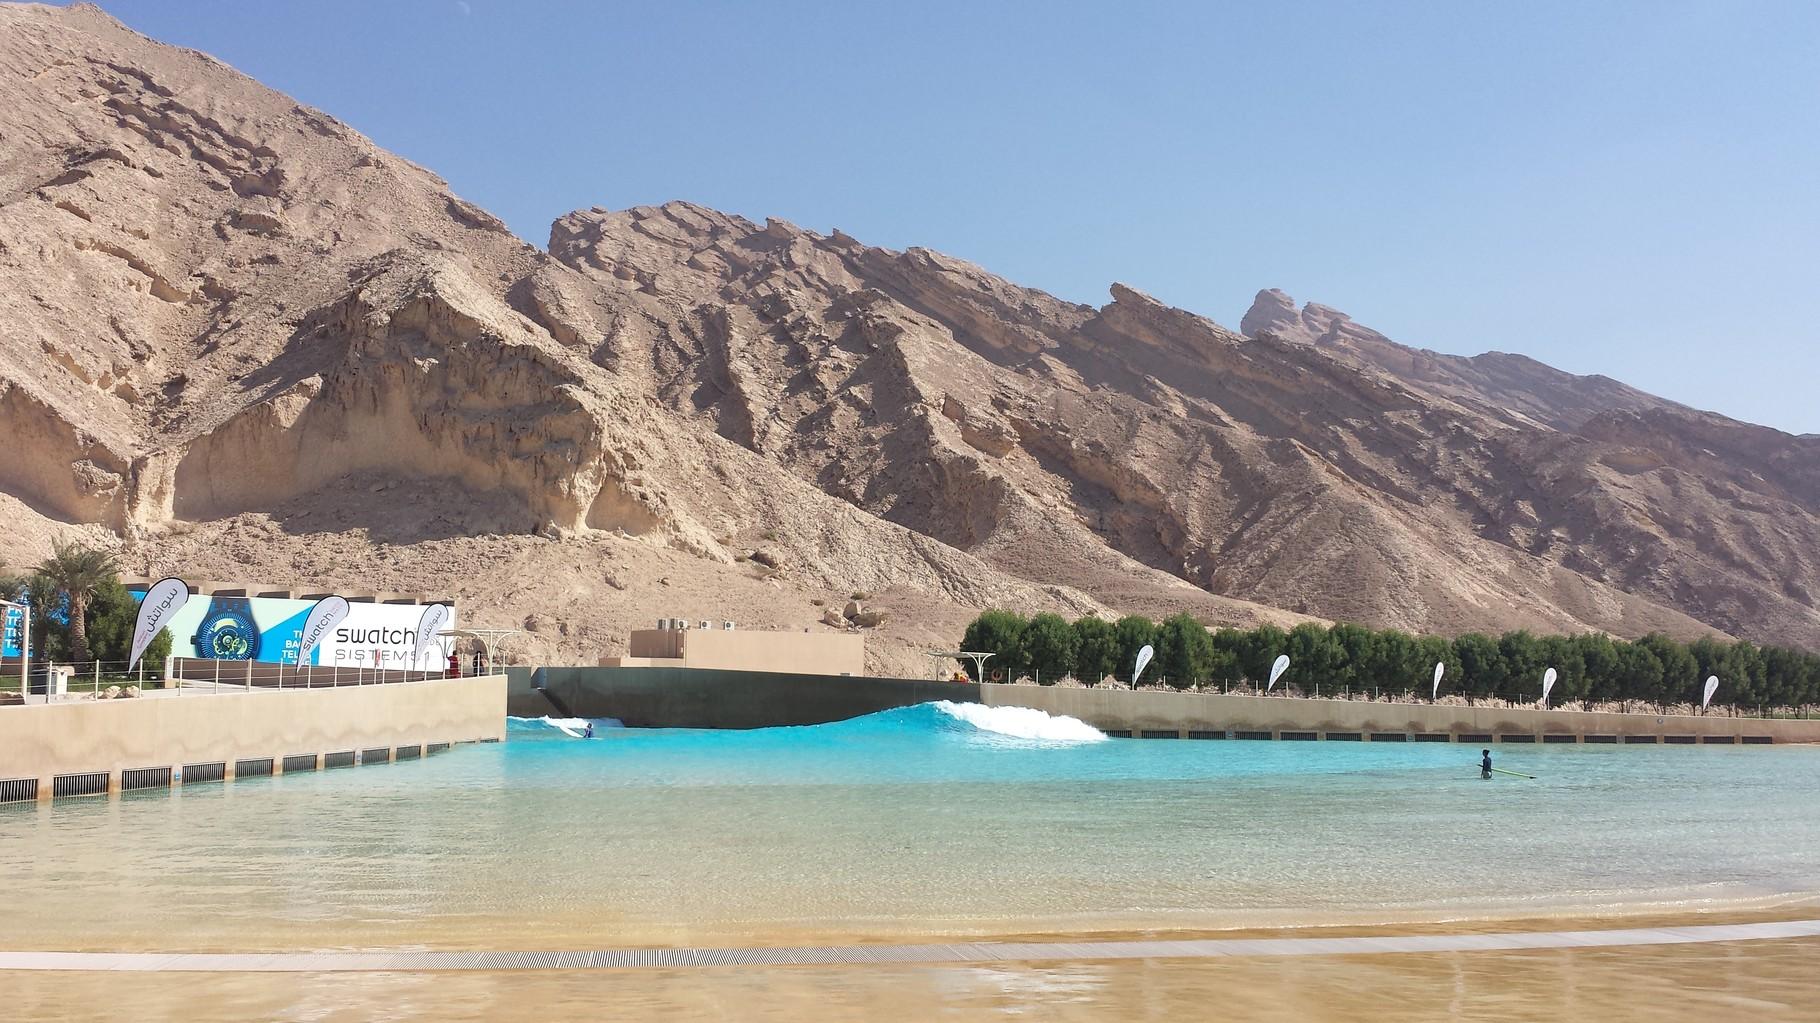 Wadi Adventure Park